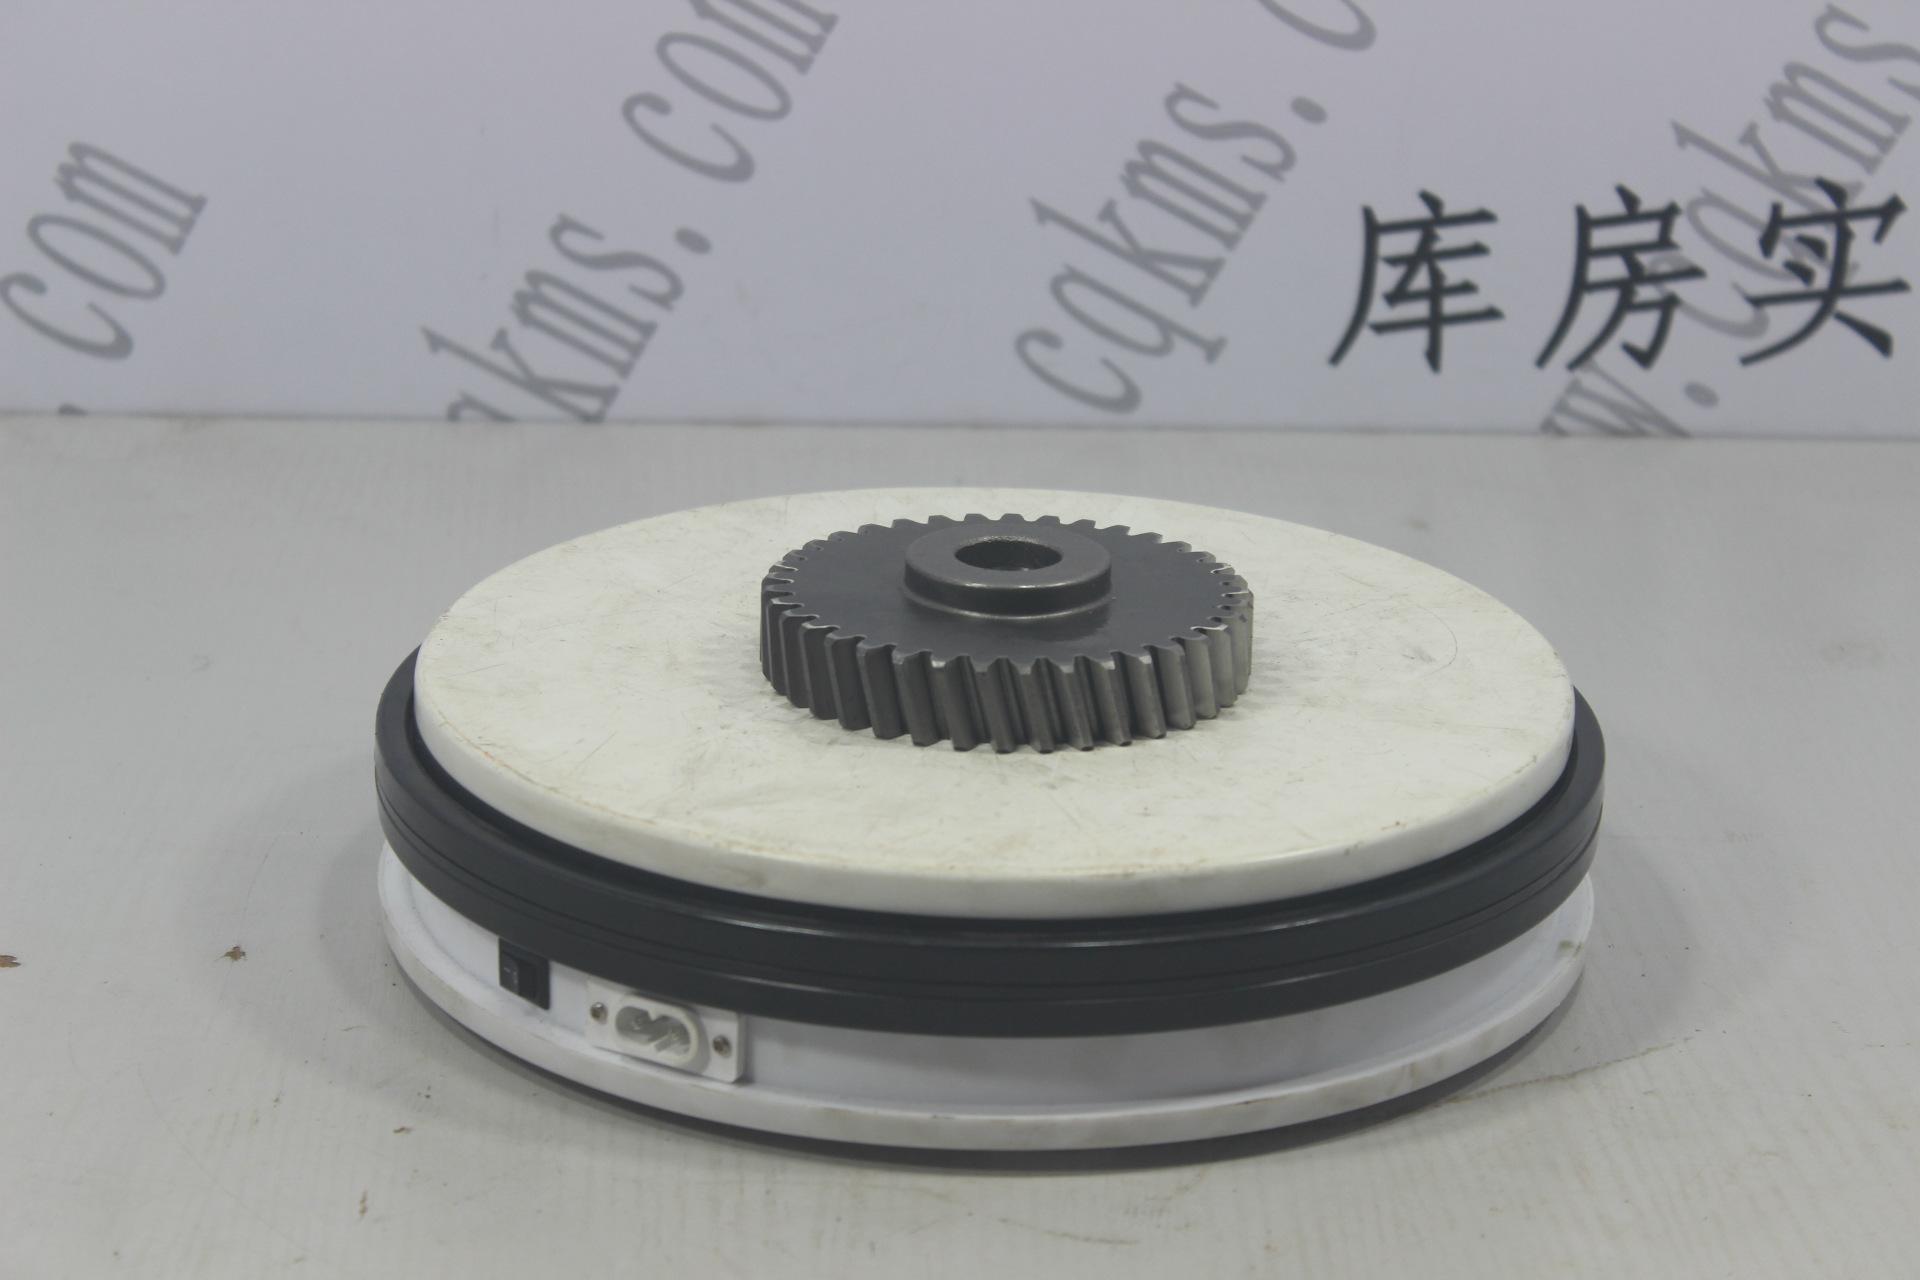 kms01847-3960345-空压机齿轮----参考重量1.05kg-1.05kg图片3